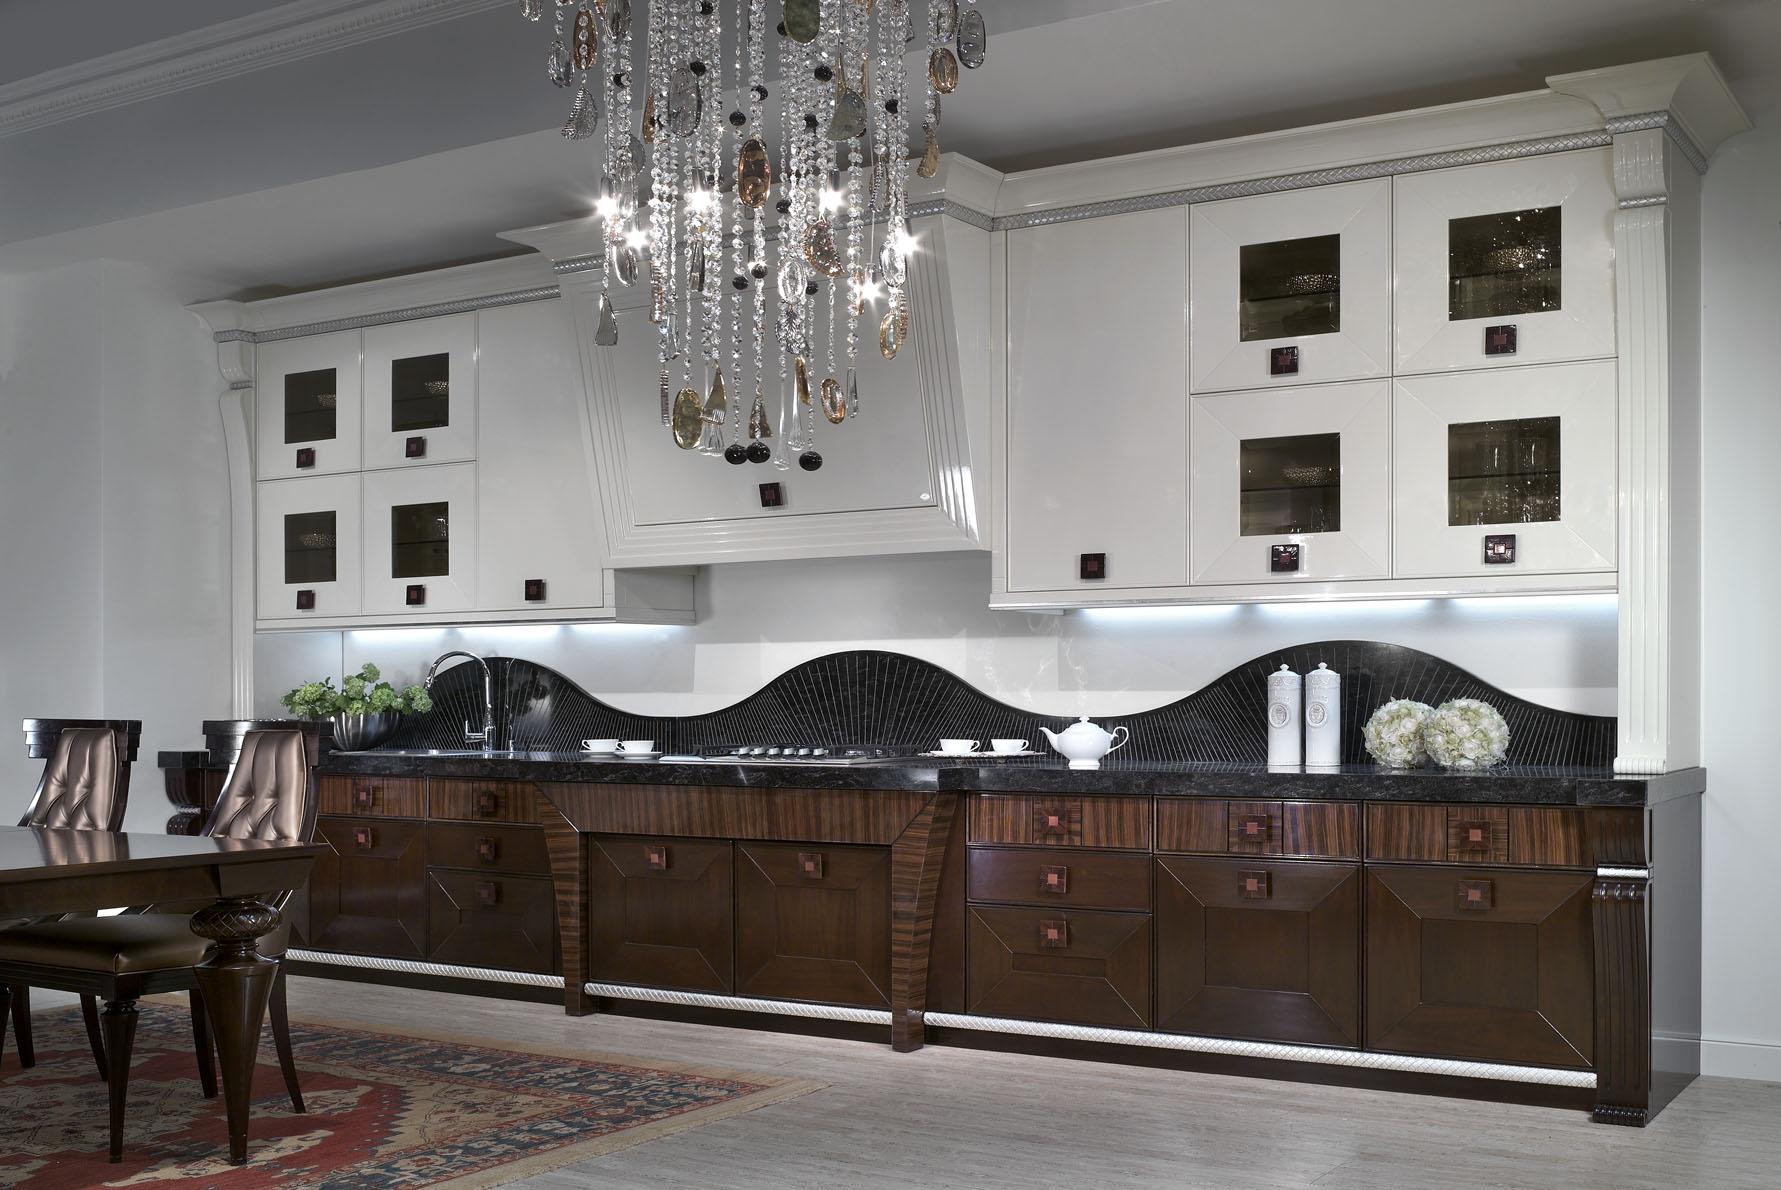 Итальянские кухни на заказ в Калининграде Студия